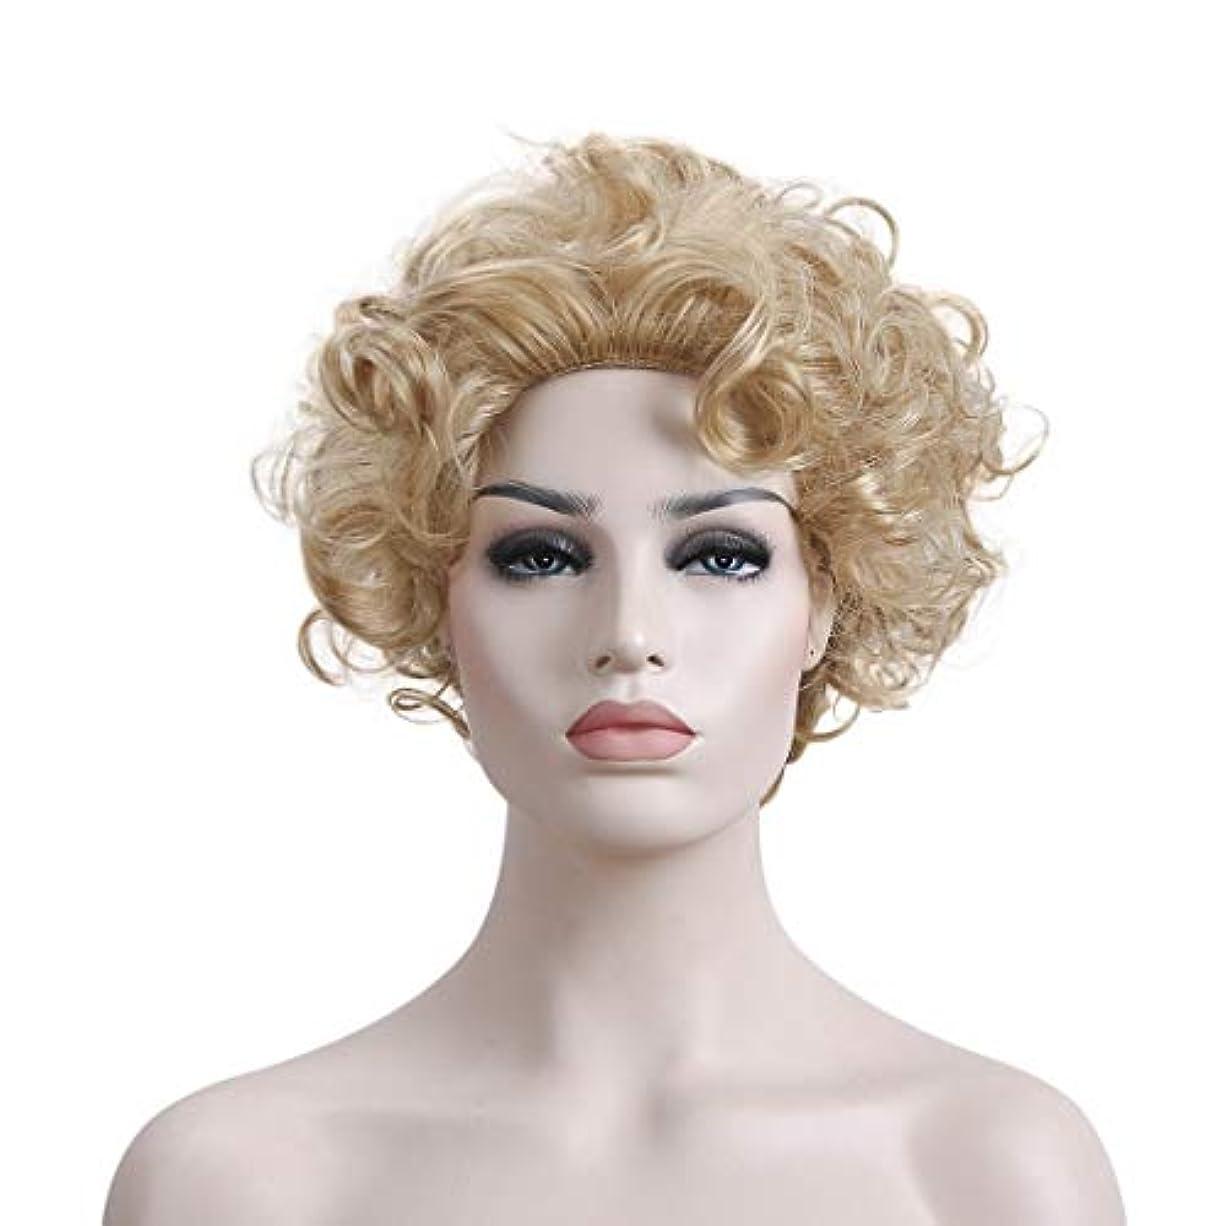 検出する取り出す姪YOUQIU 10インチホワイト女性金髪ボブウィッグ自然な熱のためのショートカーリーウィッグ性合成ファッションかつらウィッグ (色 : ゴールド, サイズ : 10